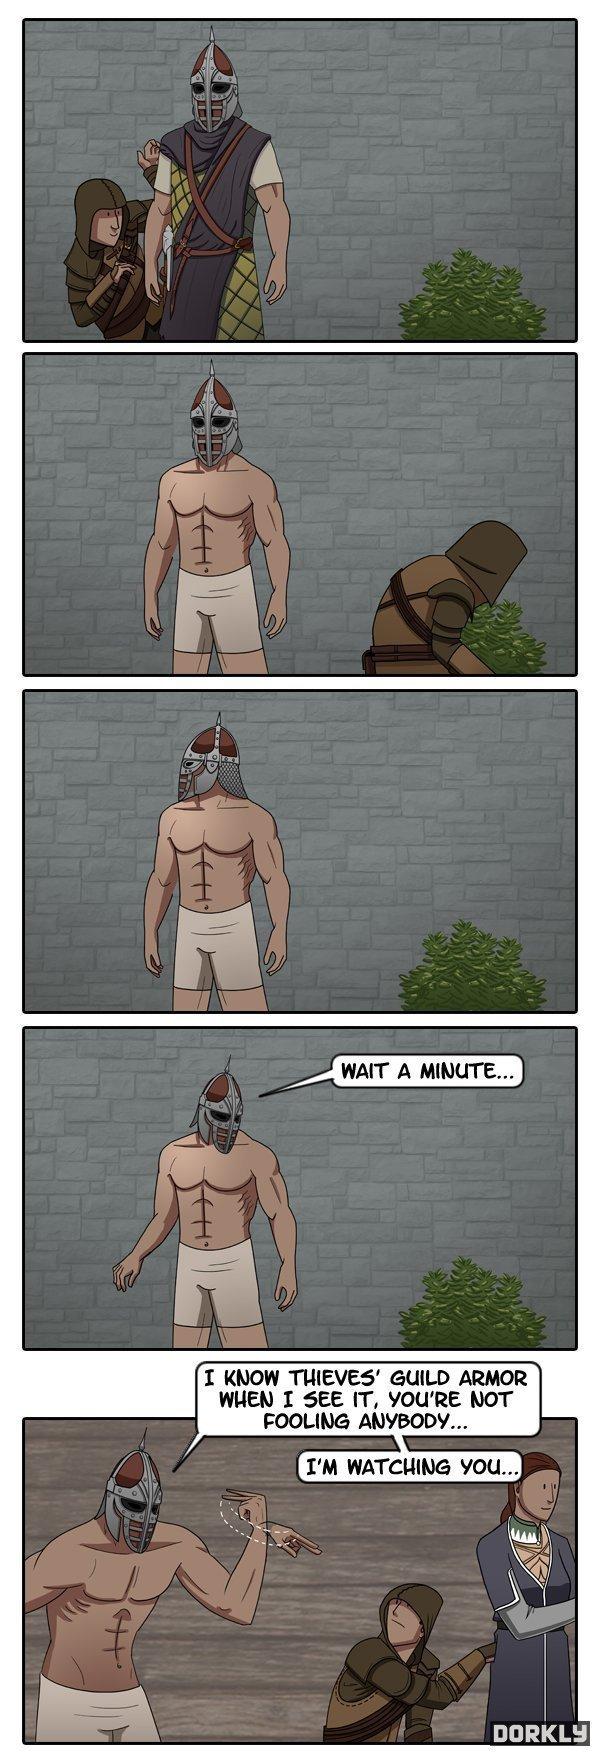 Skyrim logic. .